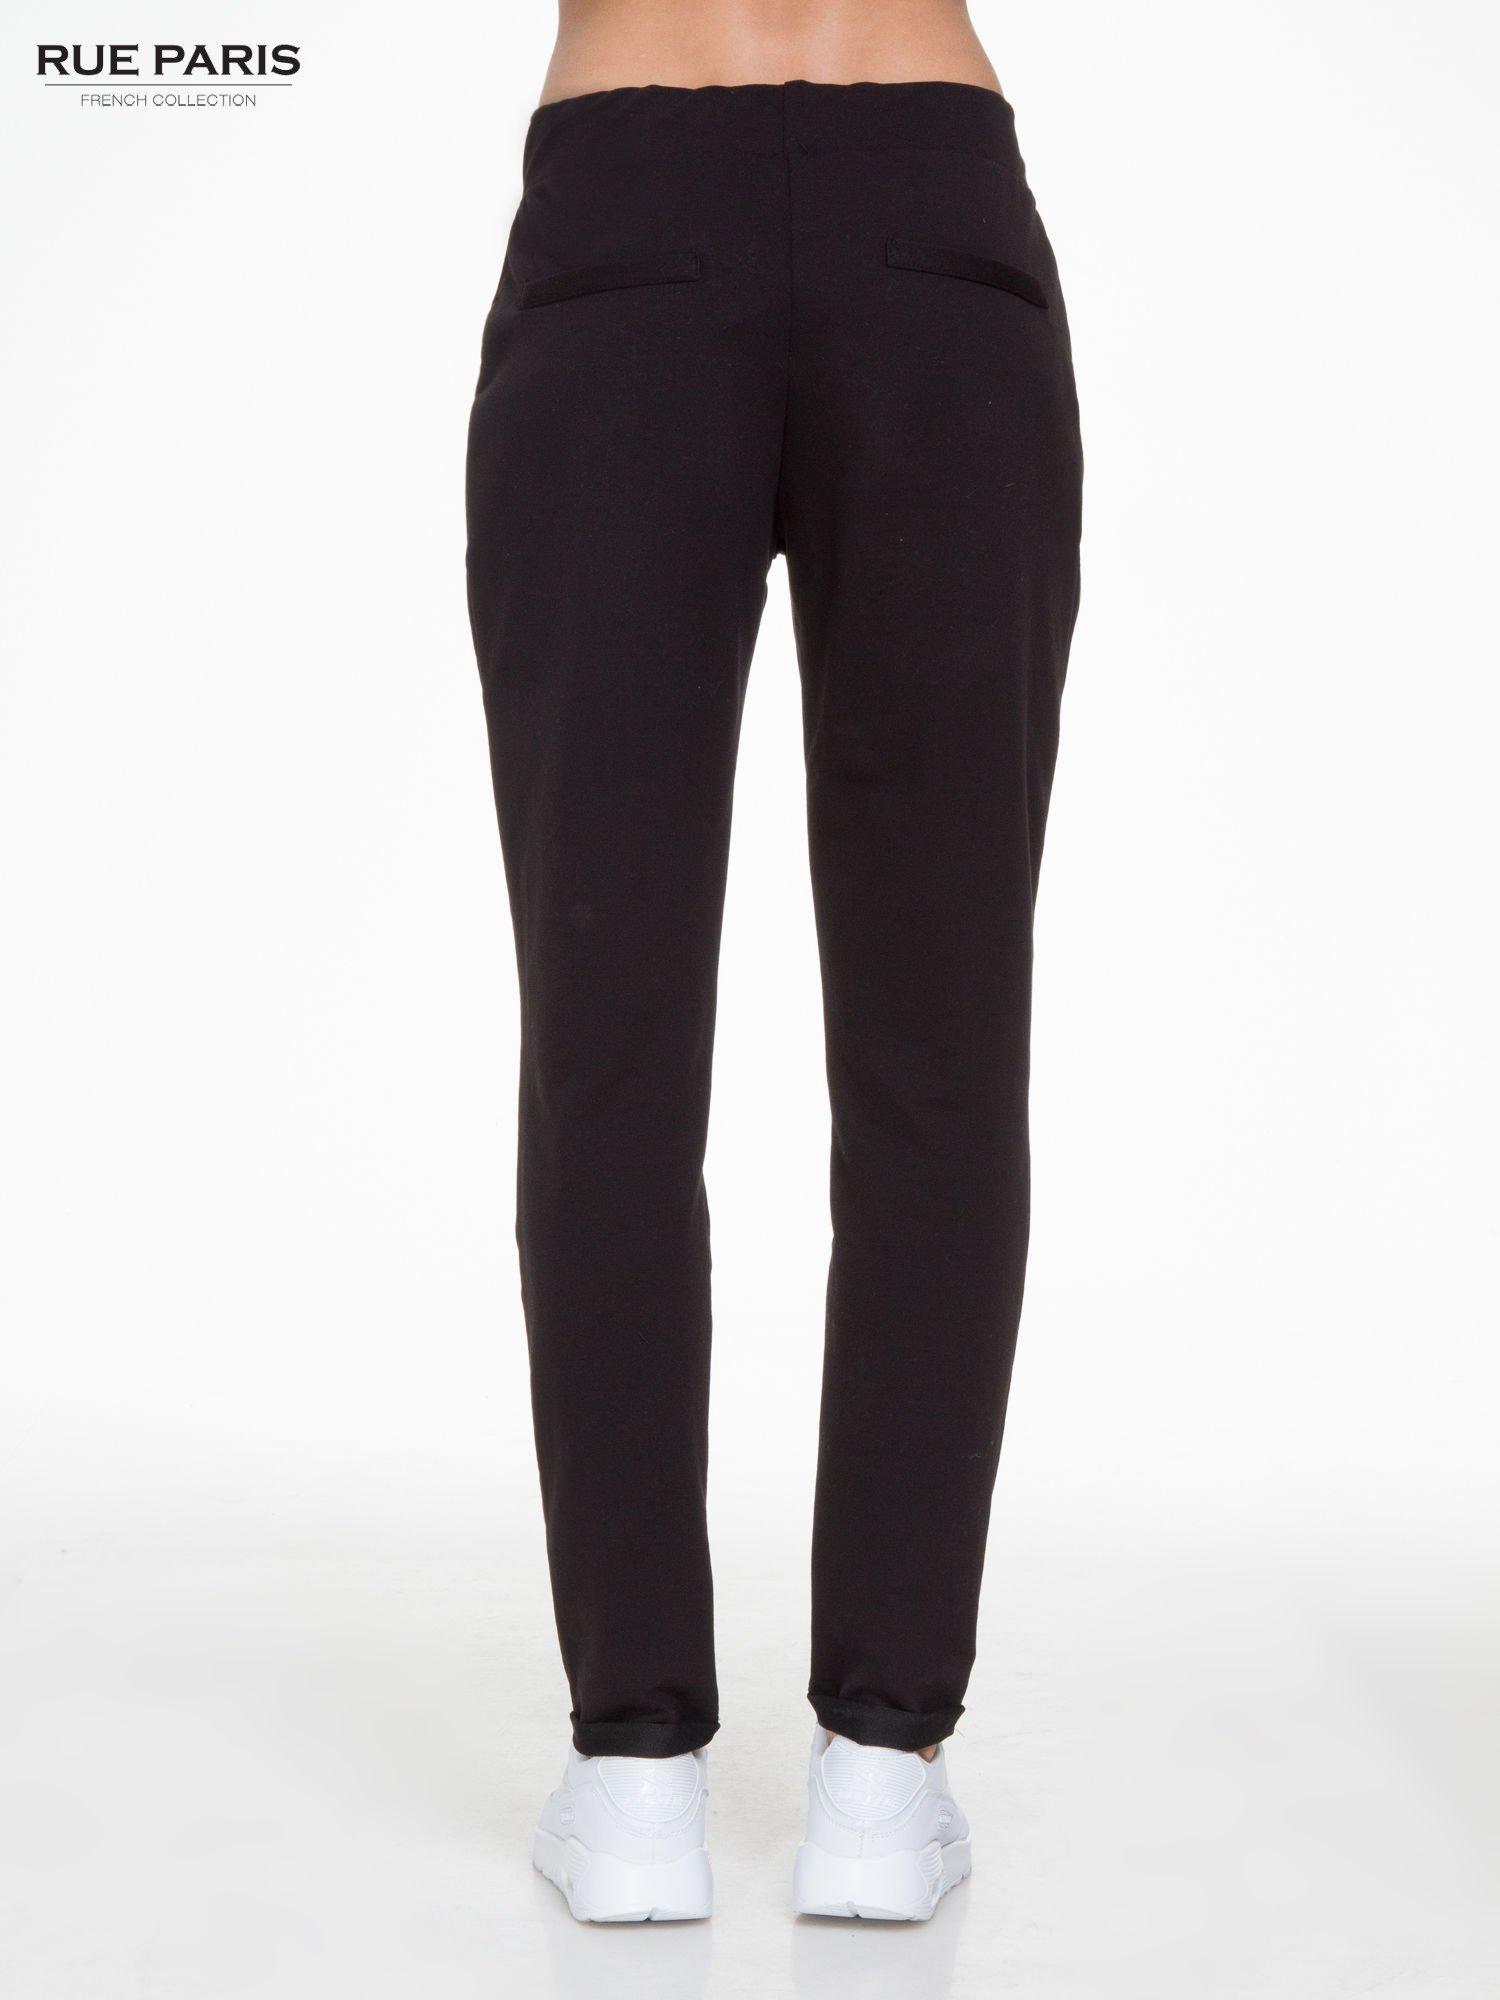 Czarne spodnie dresowe z zakładkami przy kieszeniach                                  zdj.                                  4